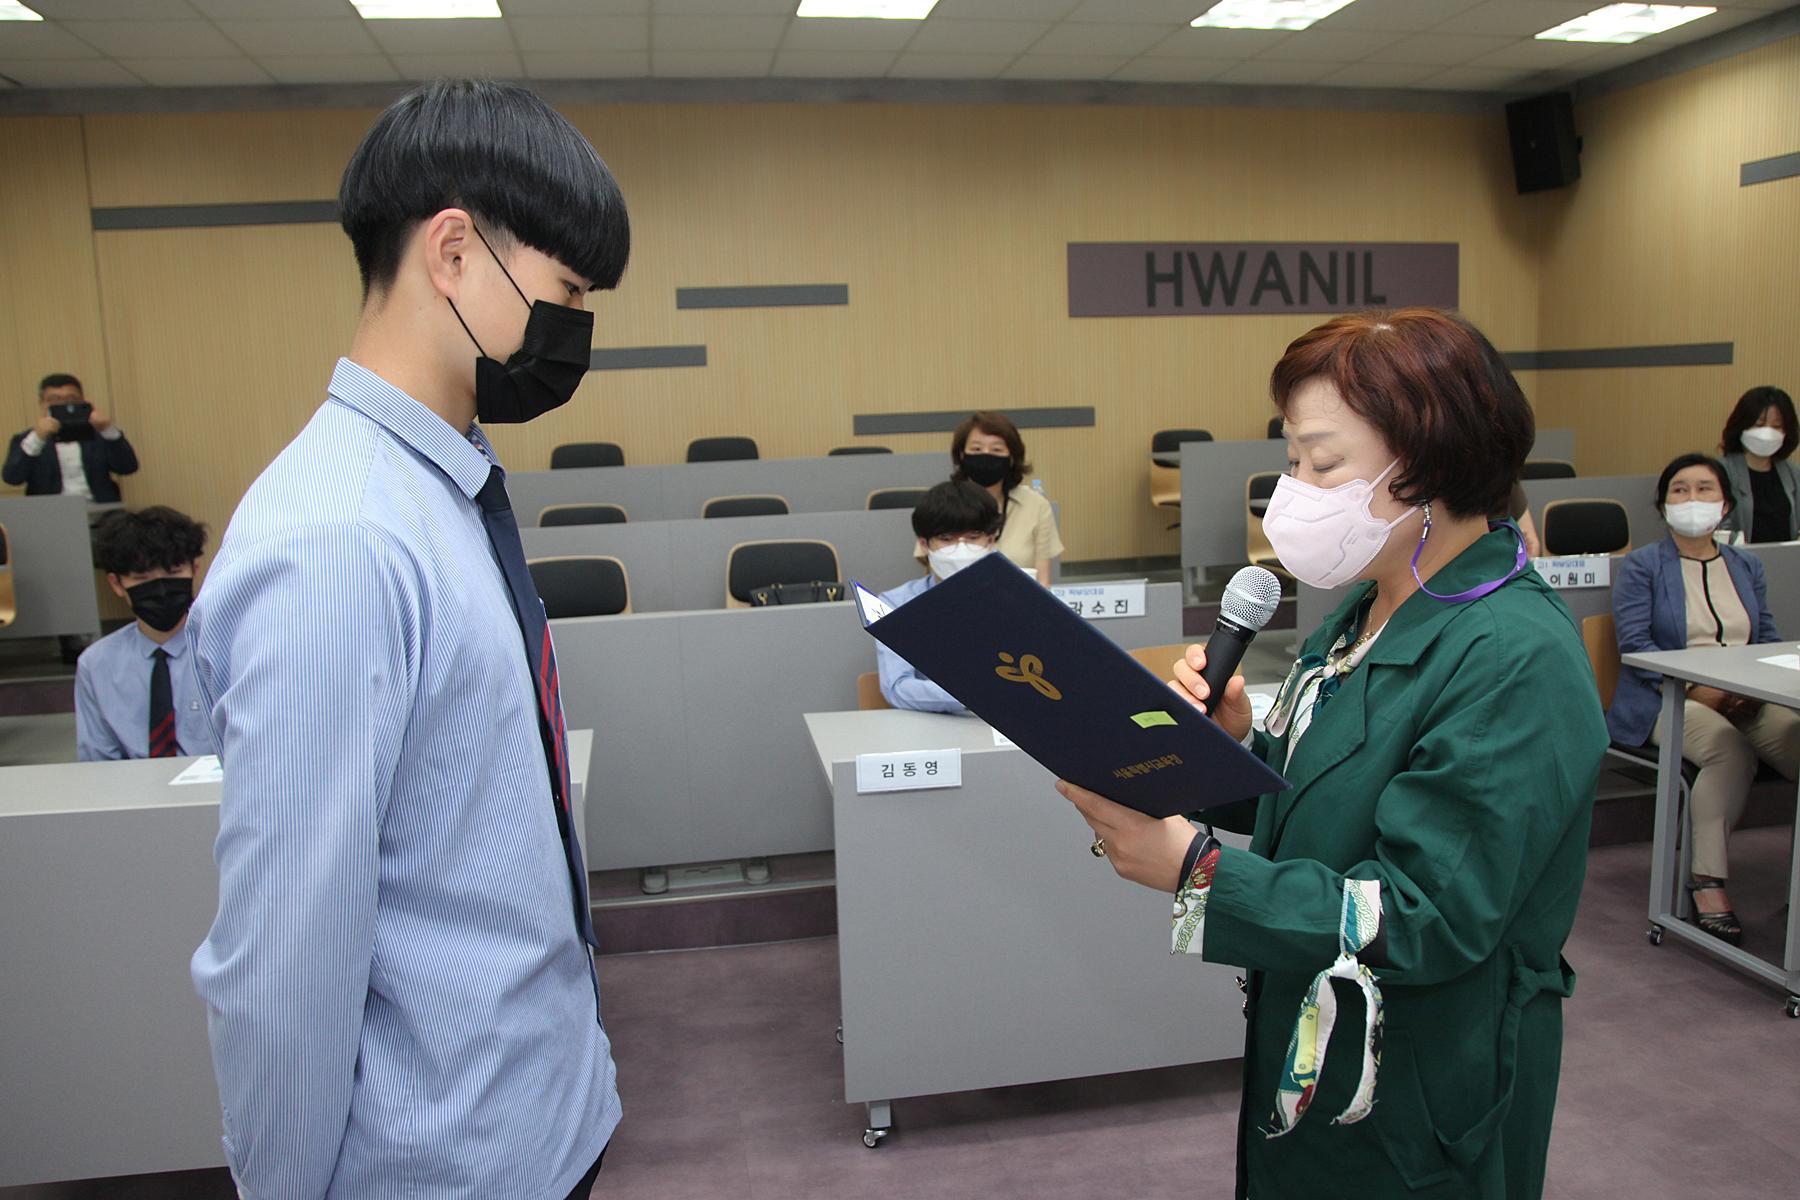 극단적 선택을 하려던 시민을 구해 서울시교육감 표창을 받게 된 환일고등학교 학생들. 서울시교육청 제공